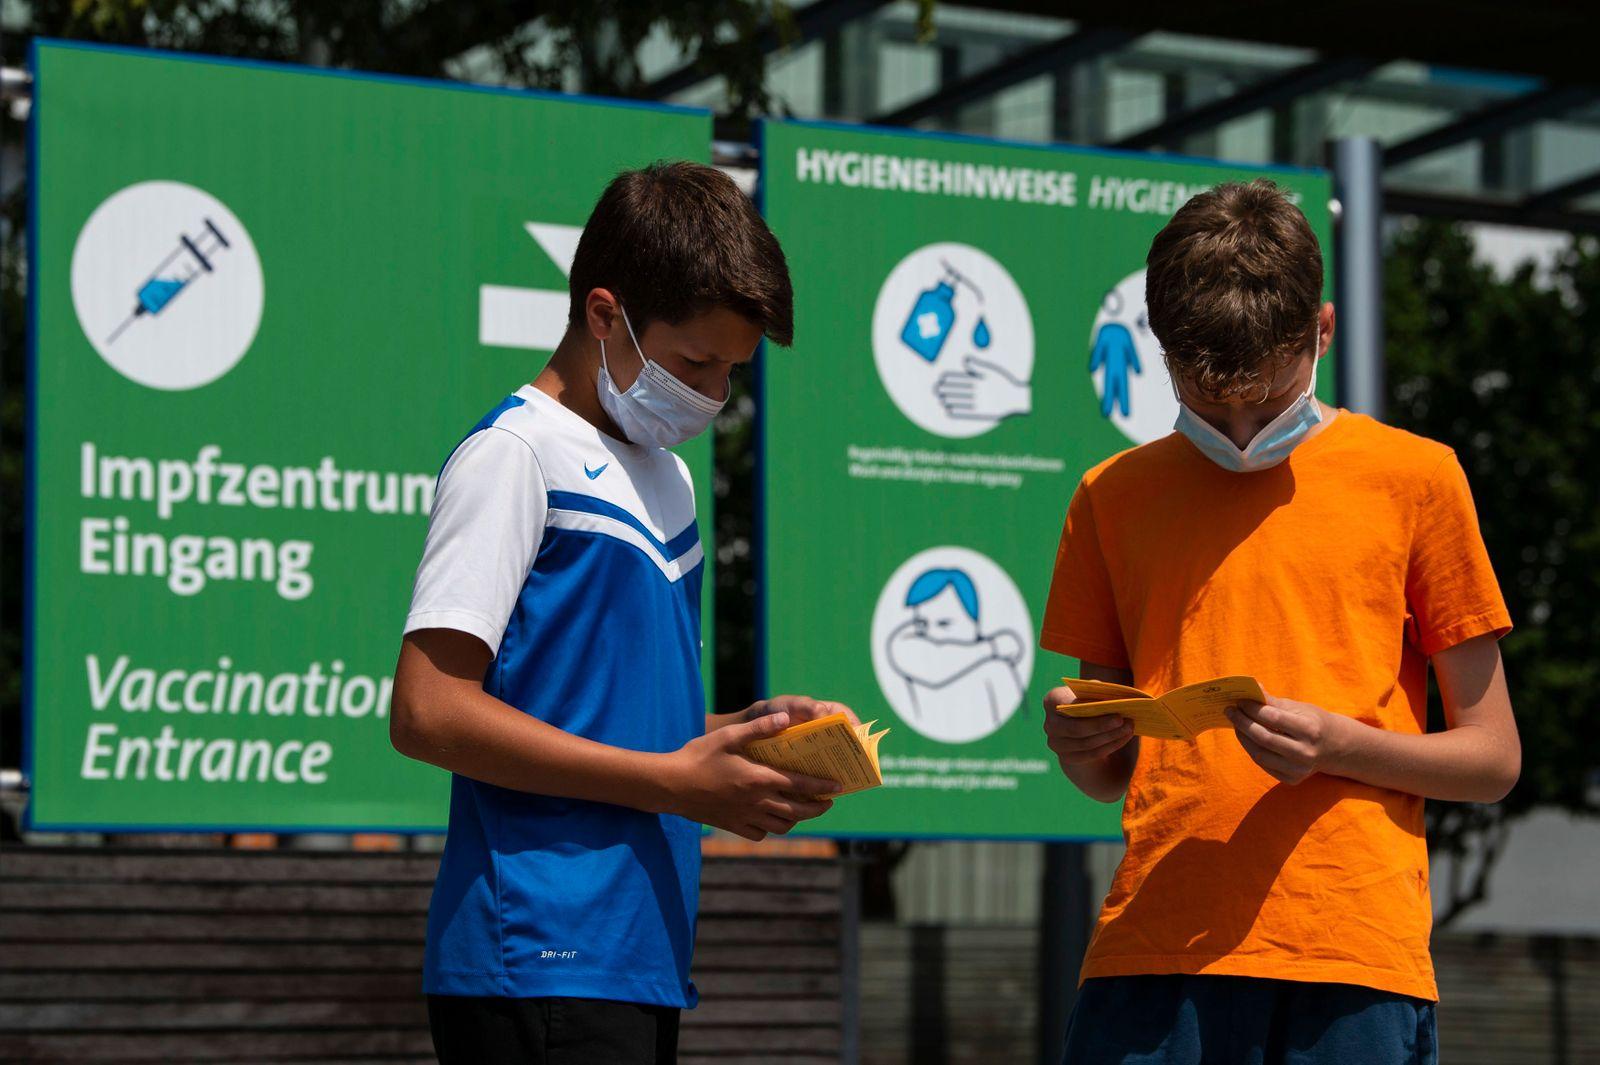 Impfaktion für Kinder und Jugendliche